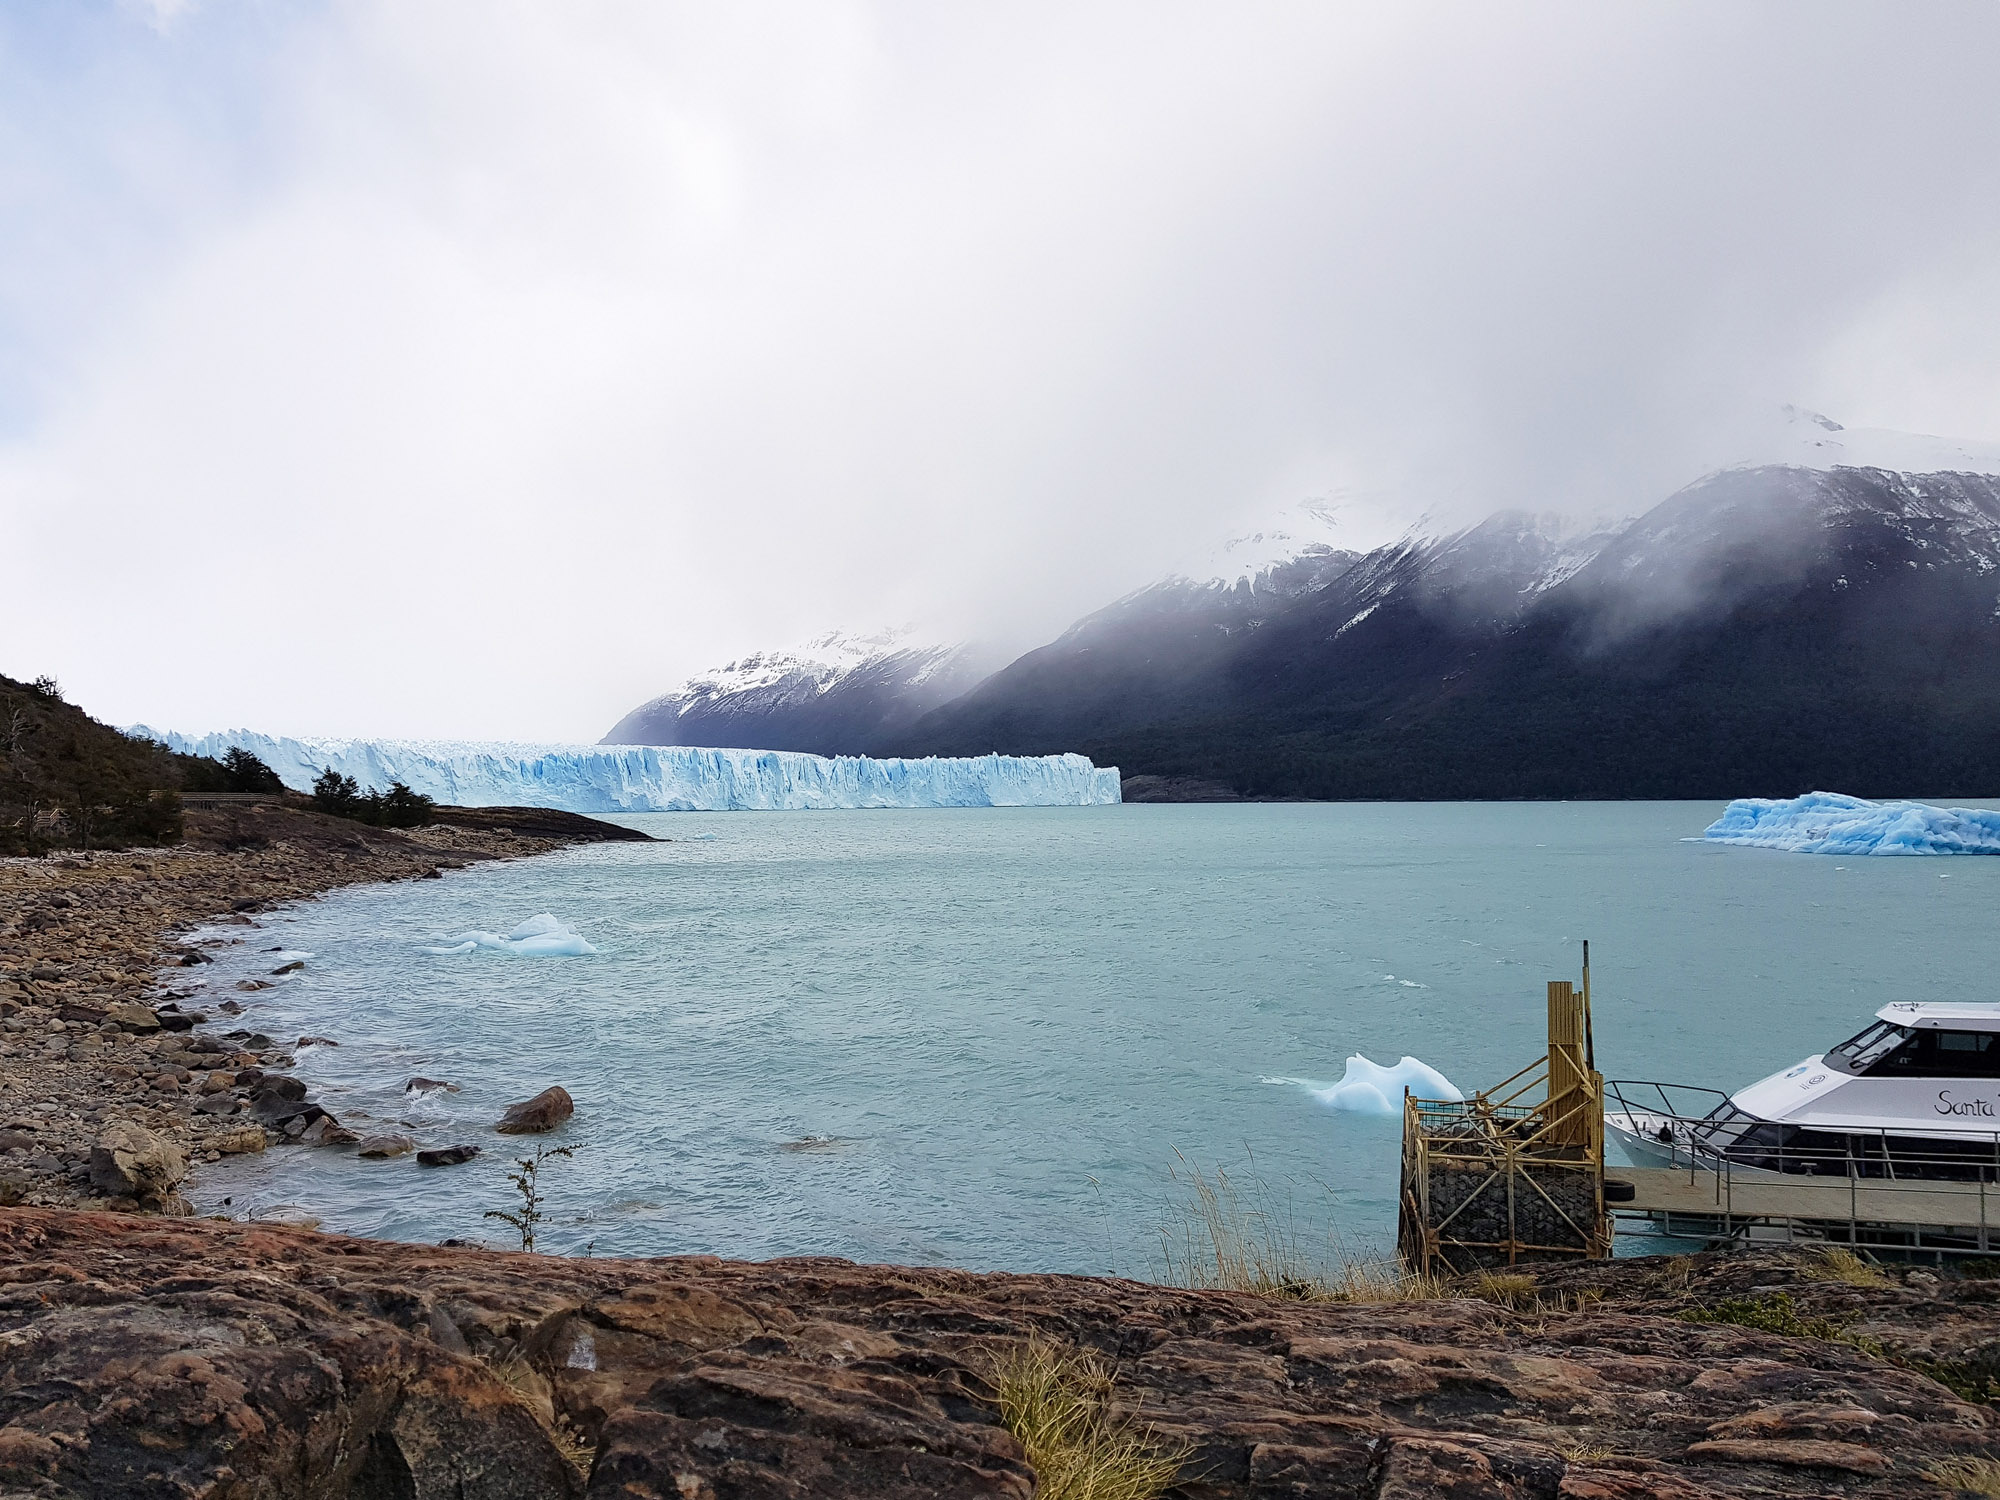 Und dann zeigt er sich: Der Perito Moreno, der wohl beeindruckendste Gletscher der Welt